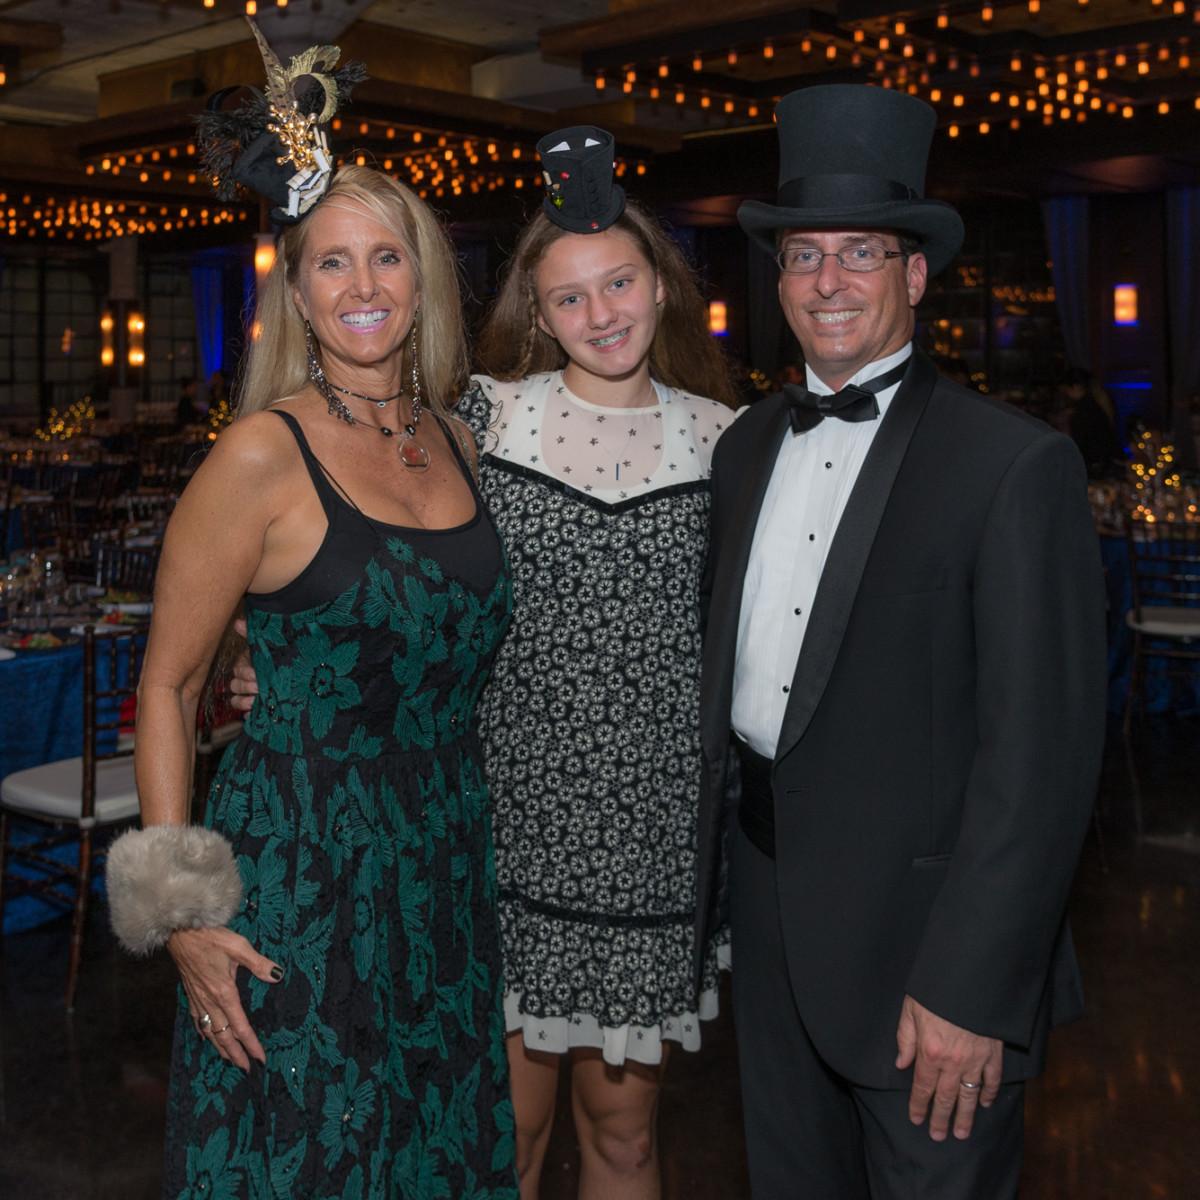 WITS Gala 2018: Dr. Melanie J. Malinowski, Echo Mariposa Malinowski-Cunningham, Dr. Andy D. Cunningham.